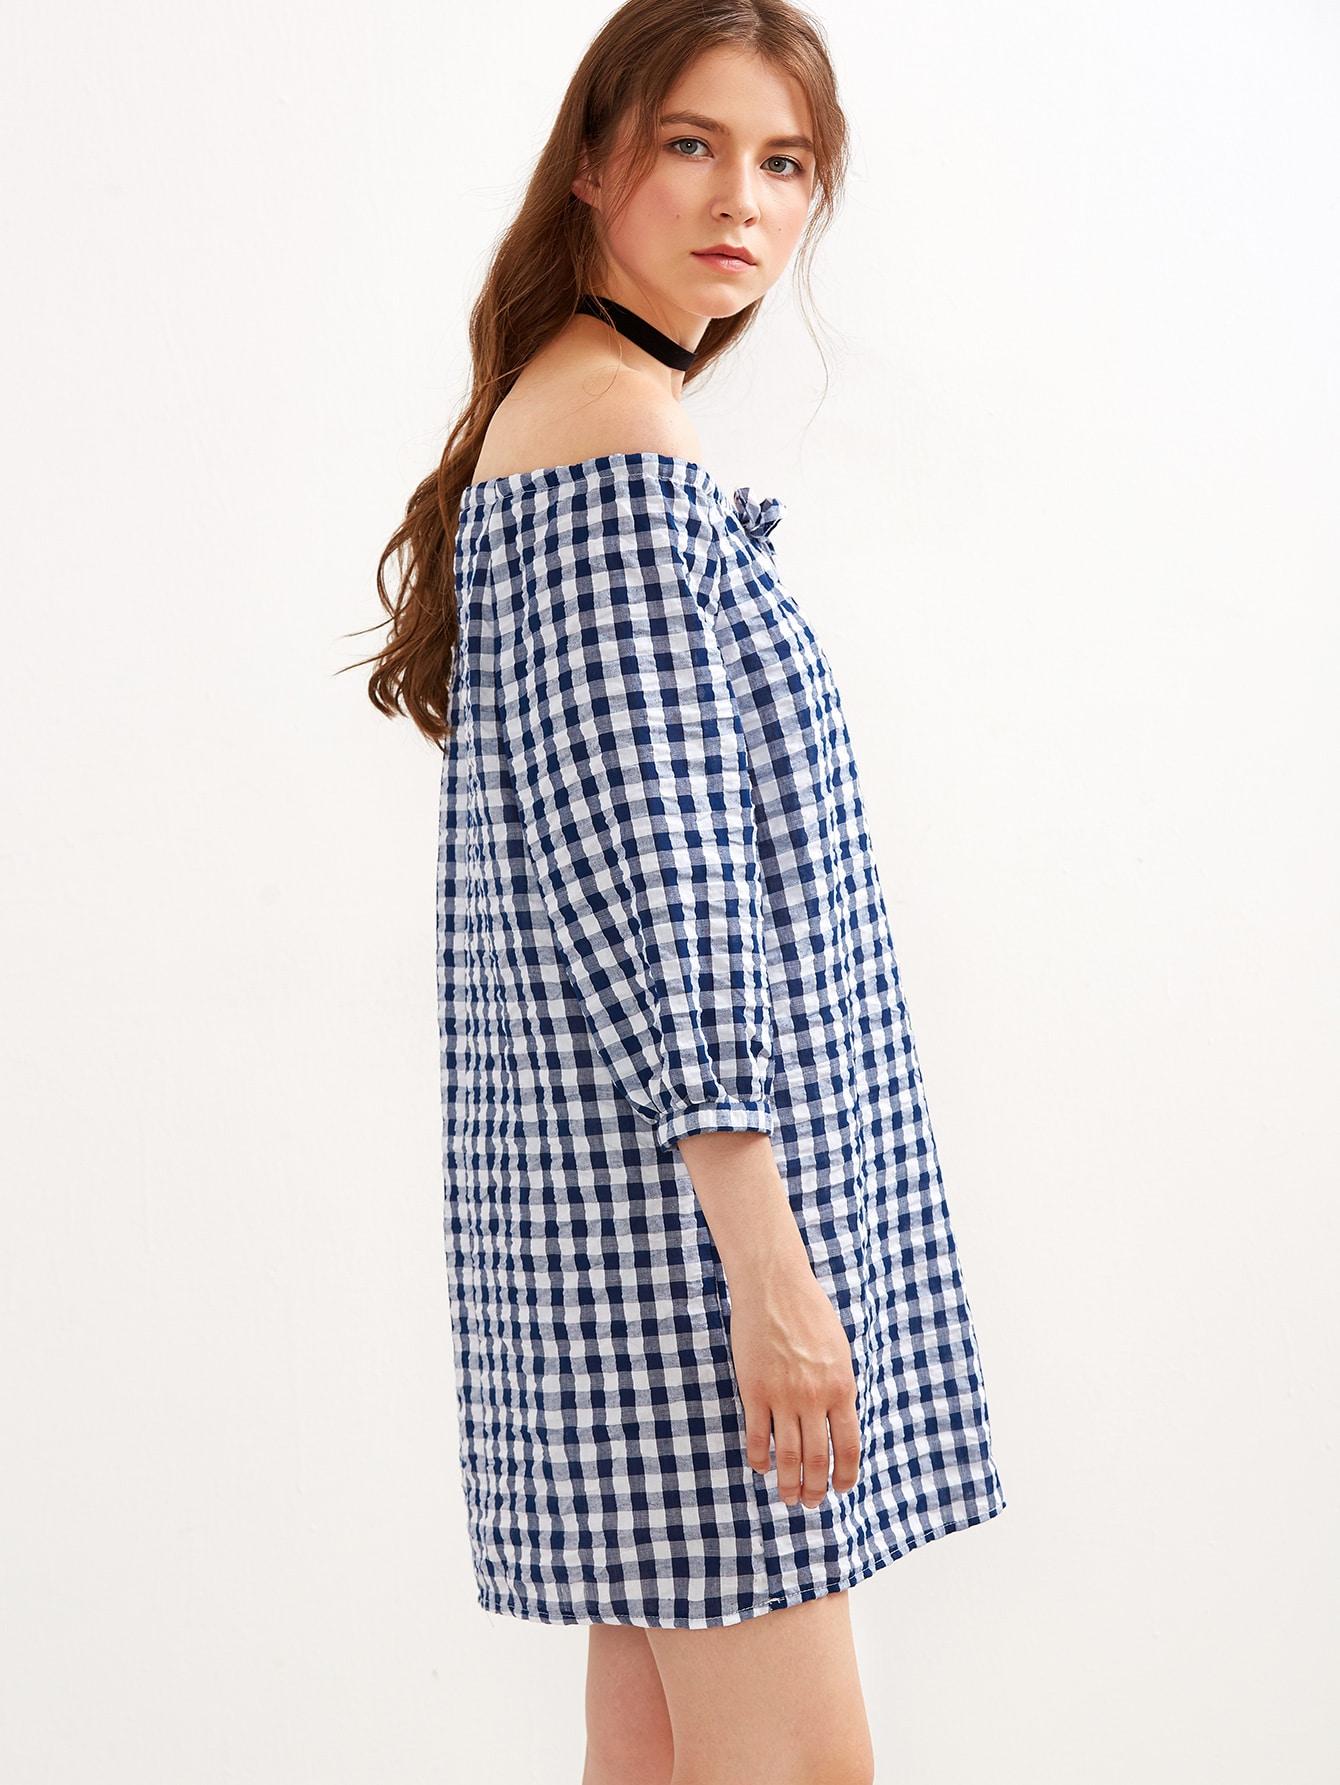 dress160829101_2